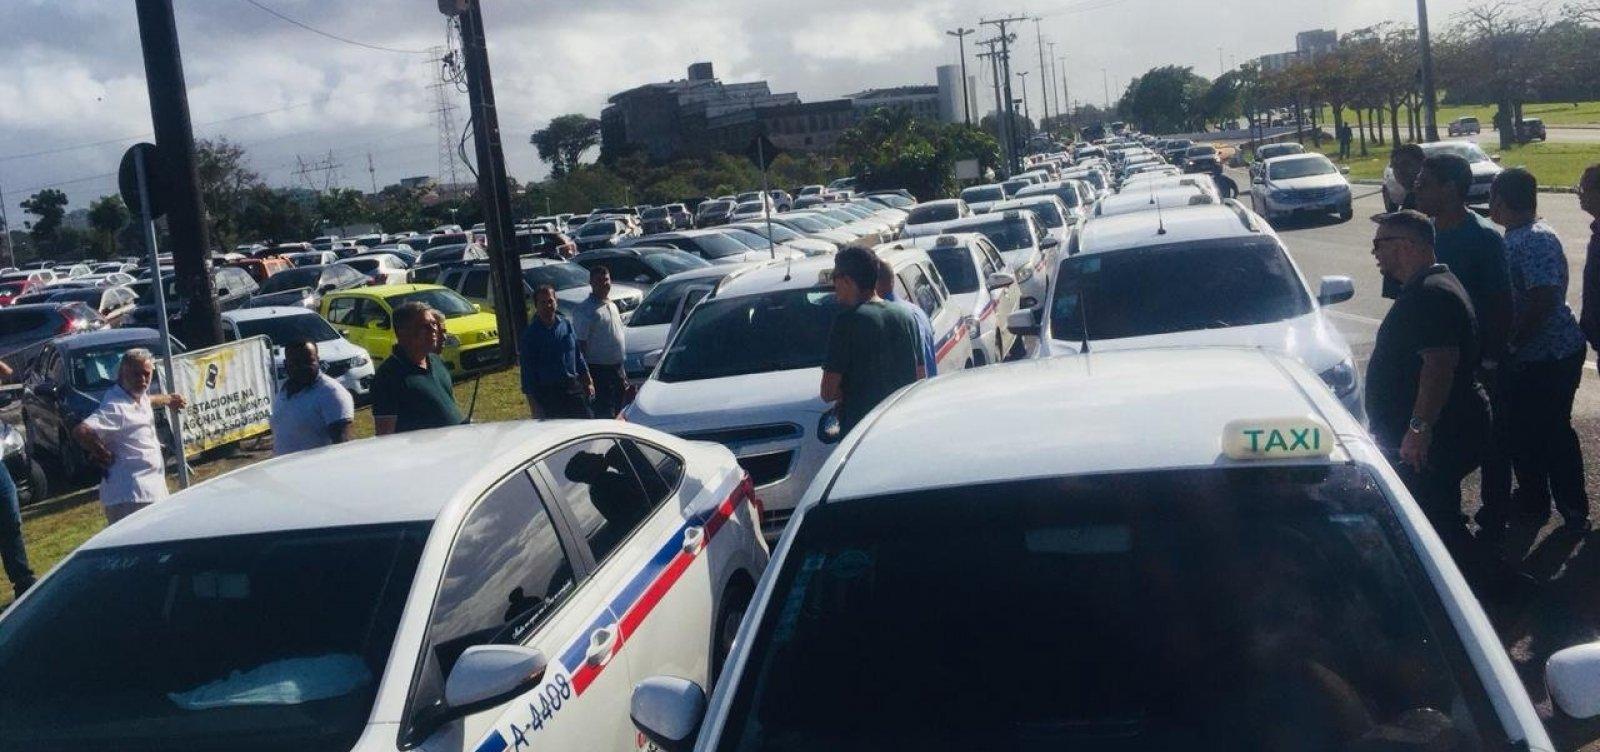 [Presidente de sindicato dos taxistas acusa Lorena Brandão de distorcer projeto]